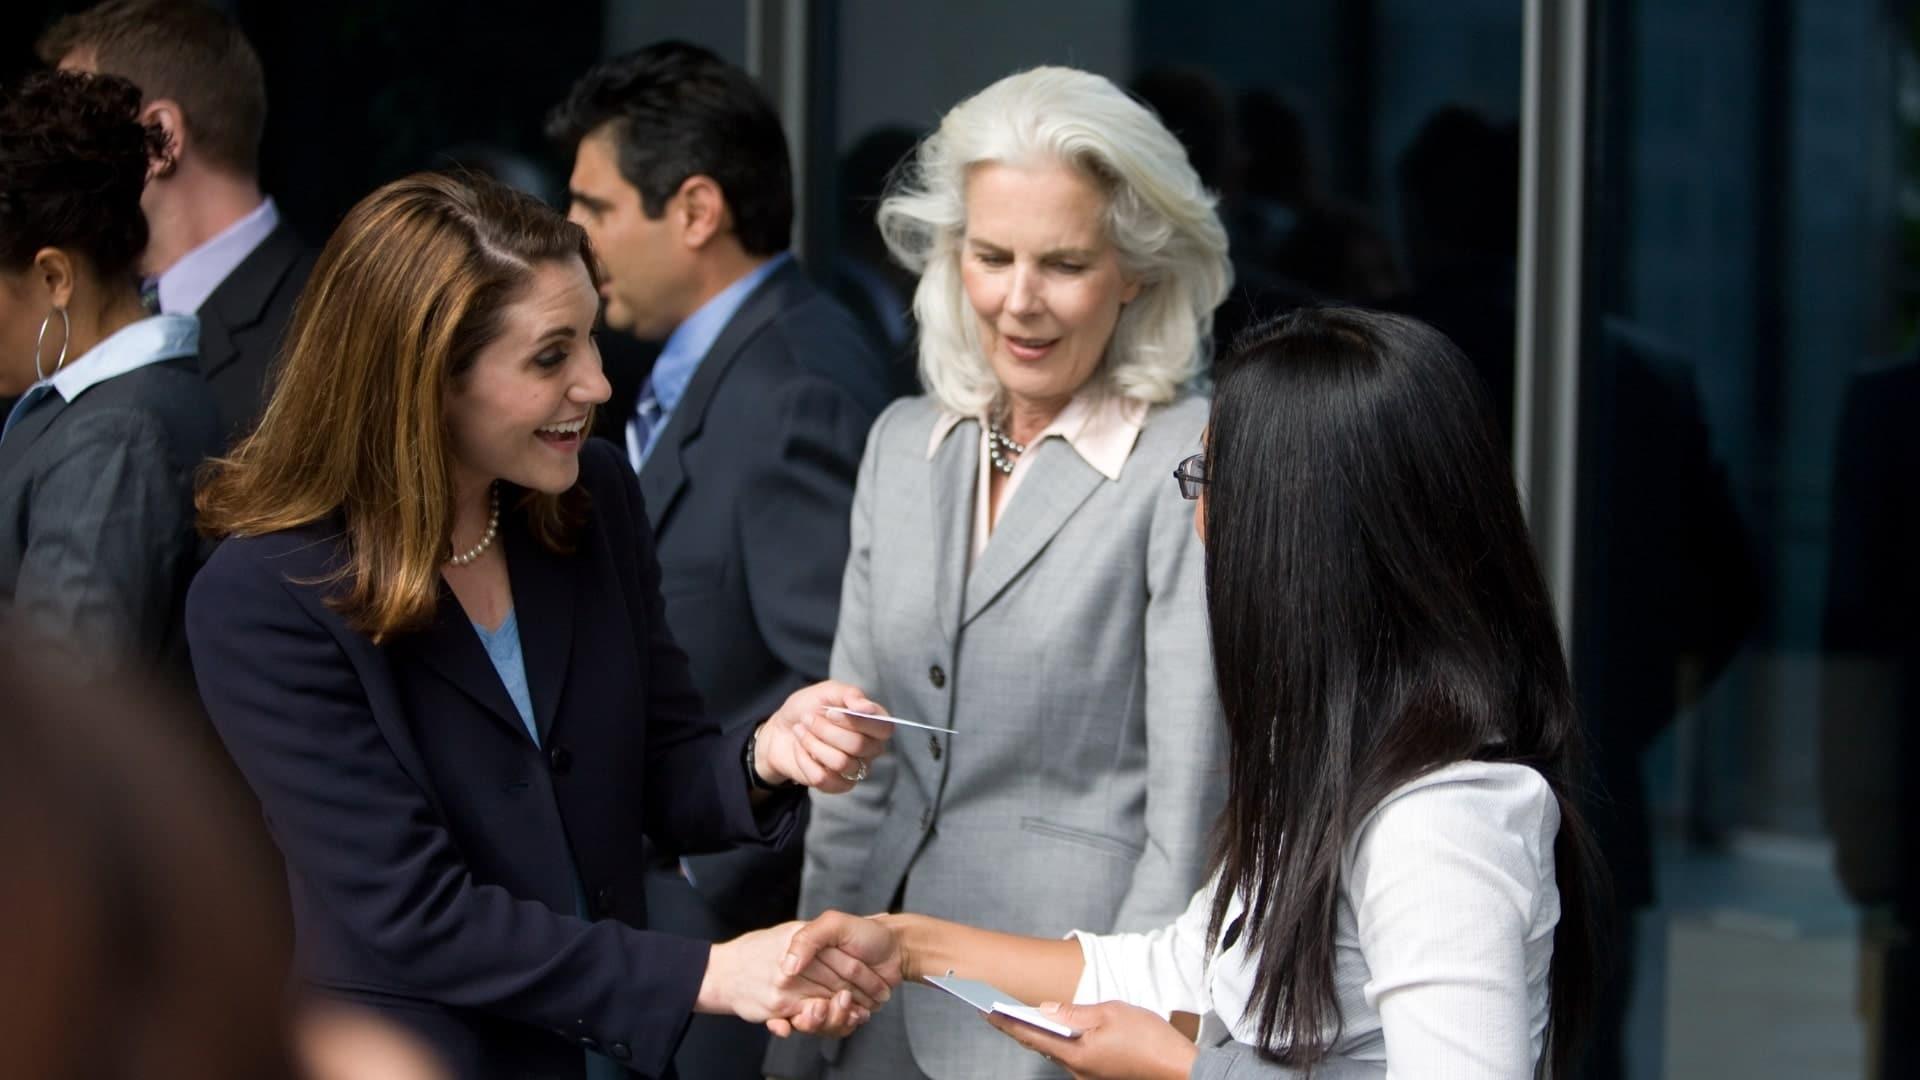 Read more about the article L'importance du Réseautage Professionnel + 5 Points Clés sur le Réseau d'Affaires.